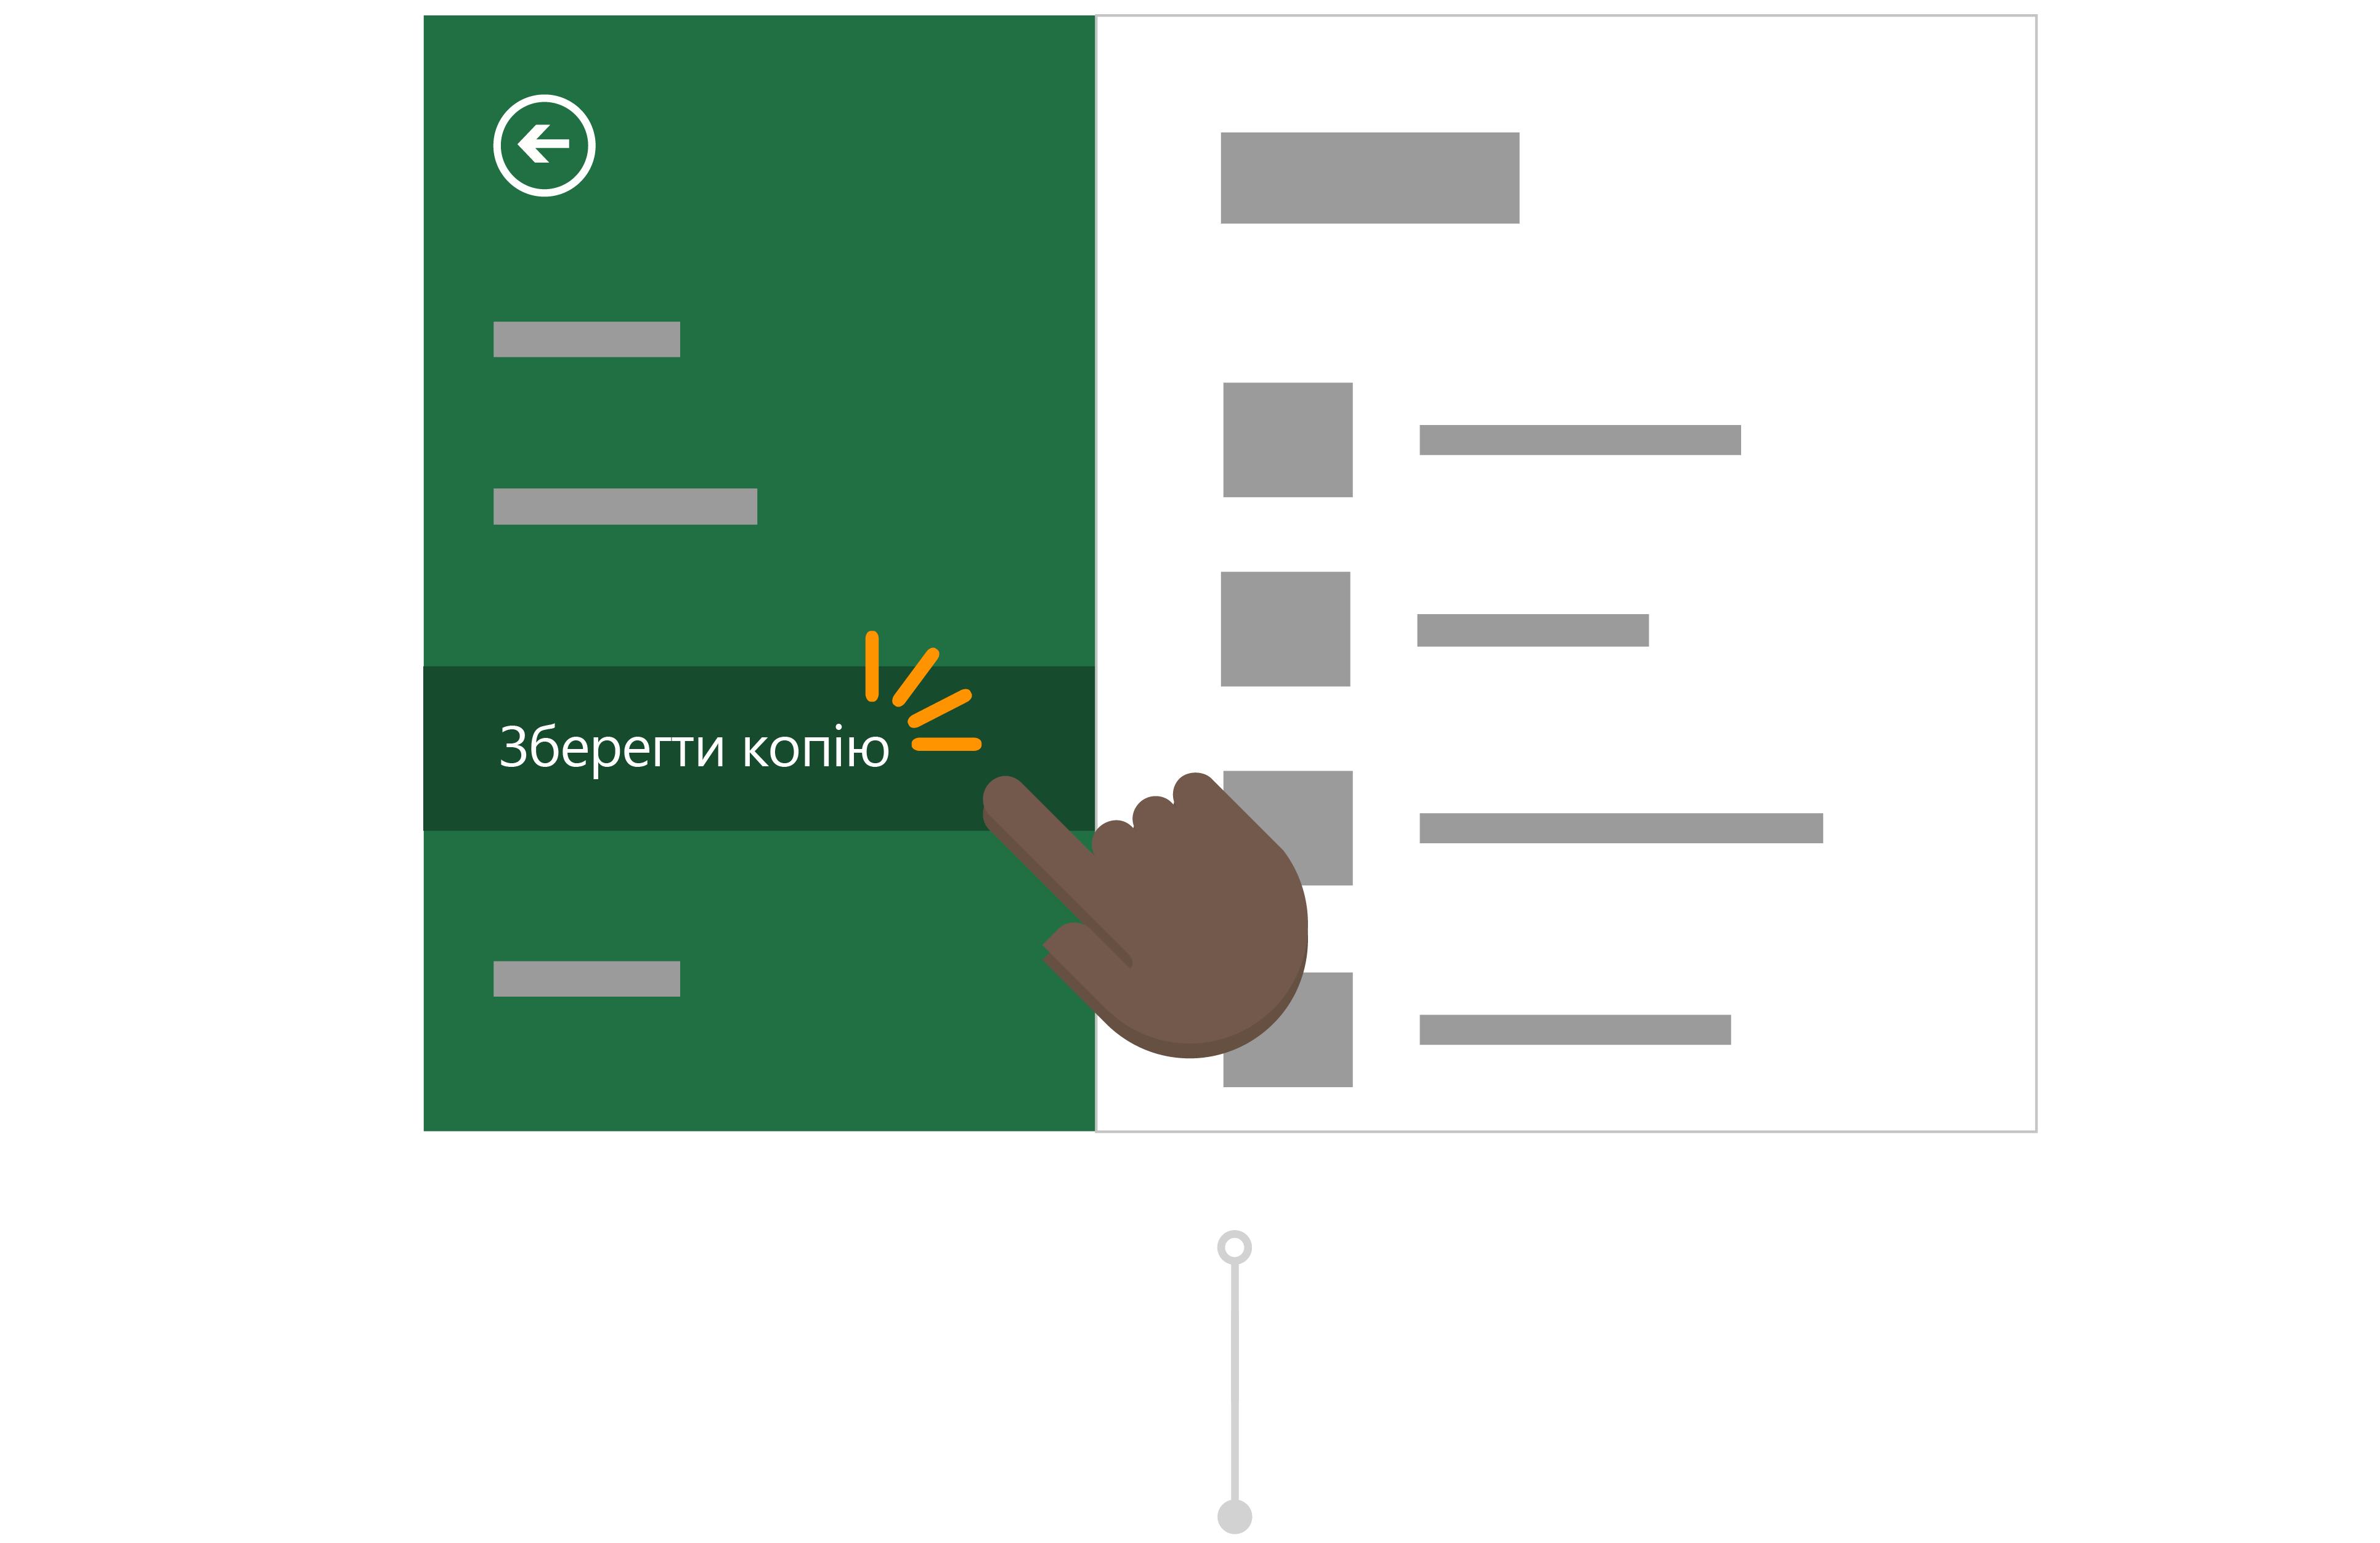 Щоб додати використовує зберегти копію в, щоб зберегти свою власну версію звіту в його OneDrive.